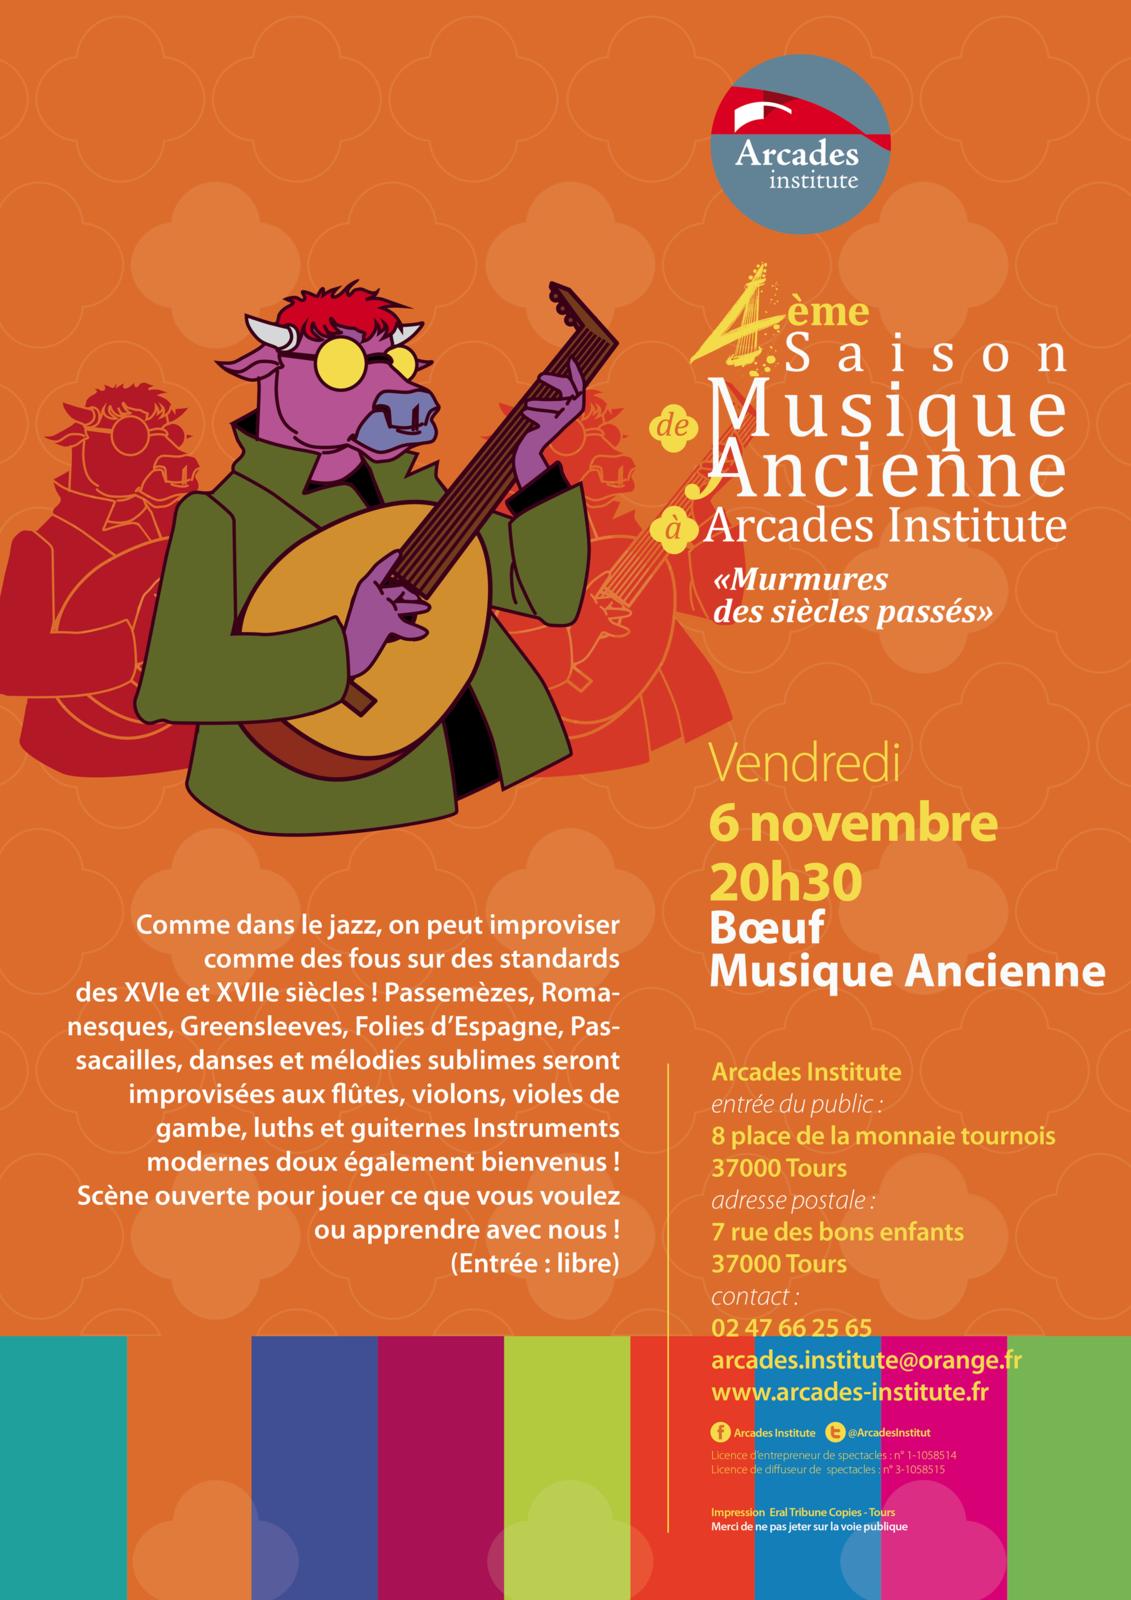 Ven. 6 Novembre 20h30 Bœuf de Musique Ancienne